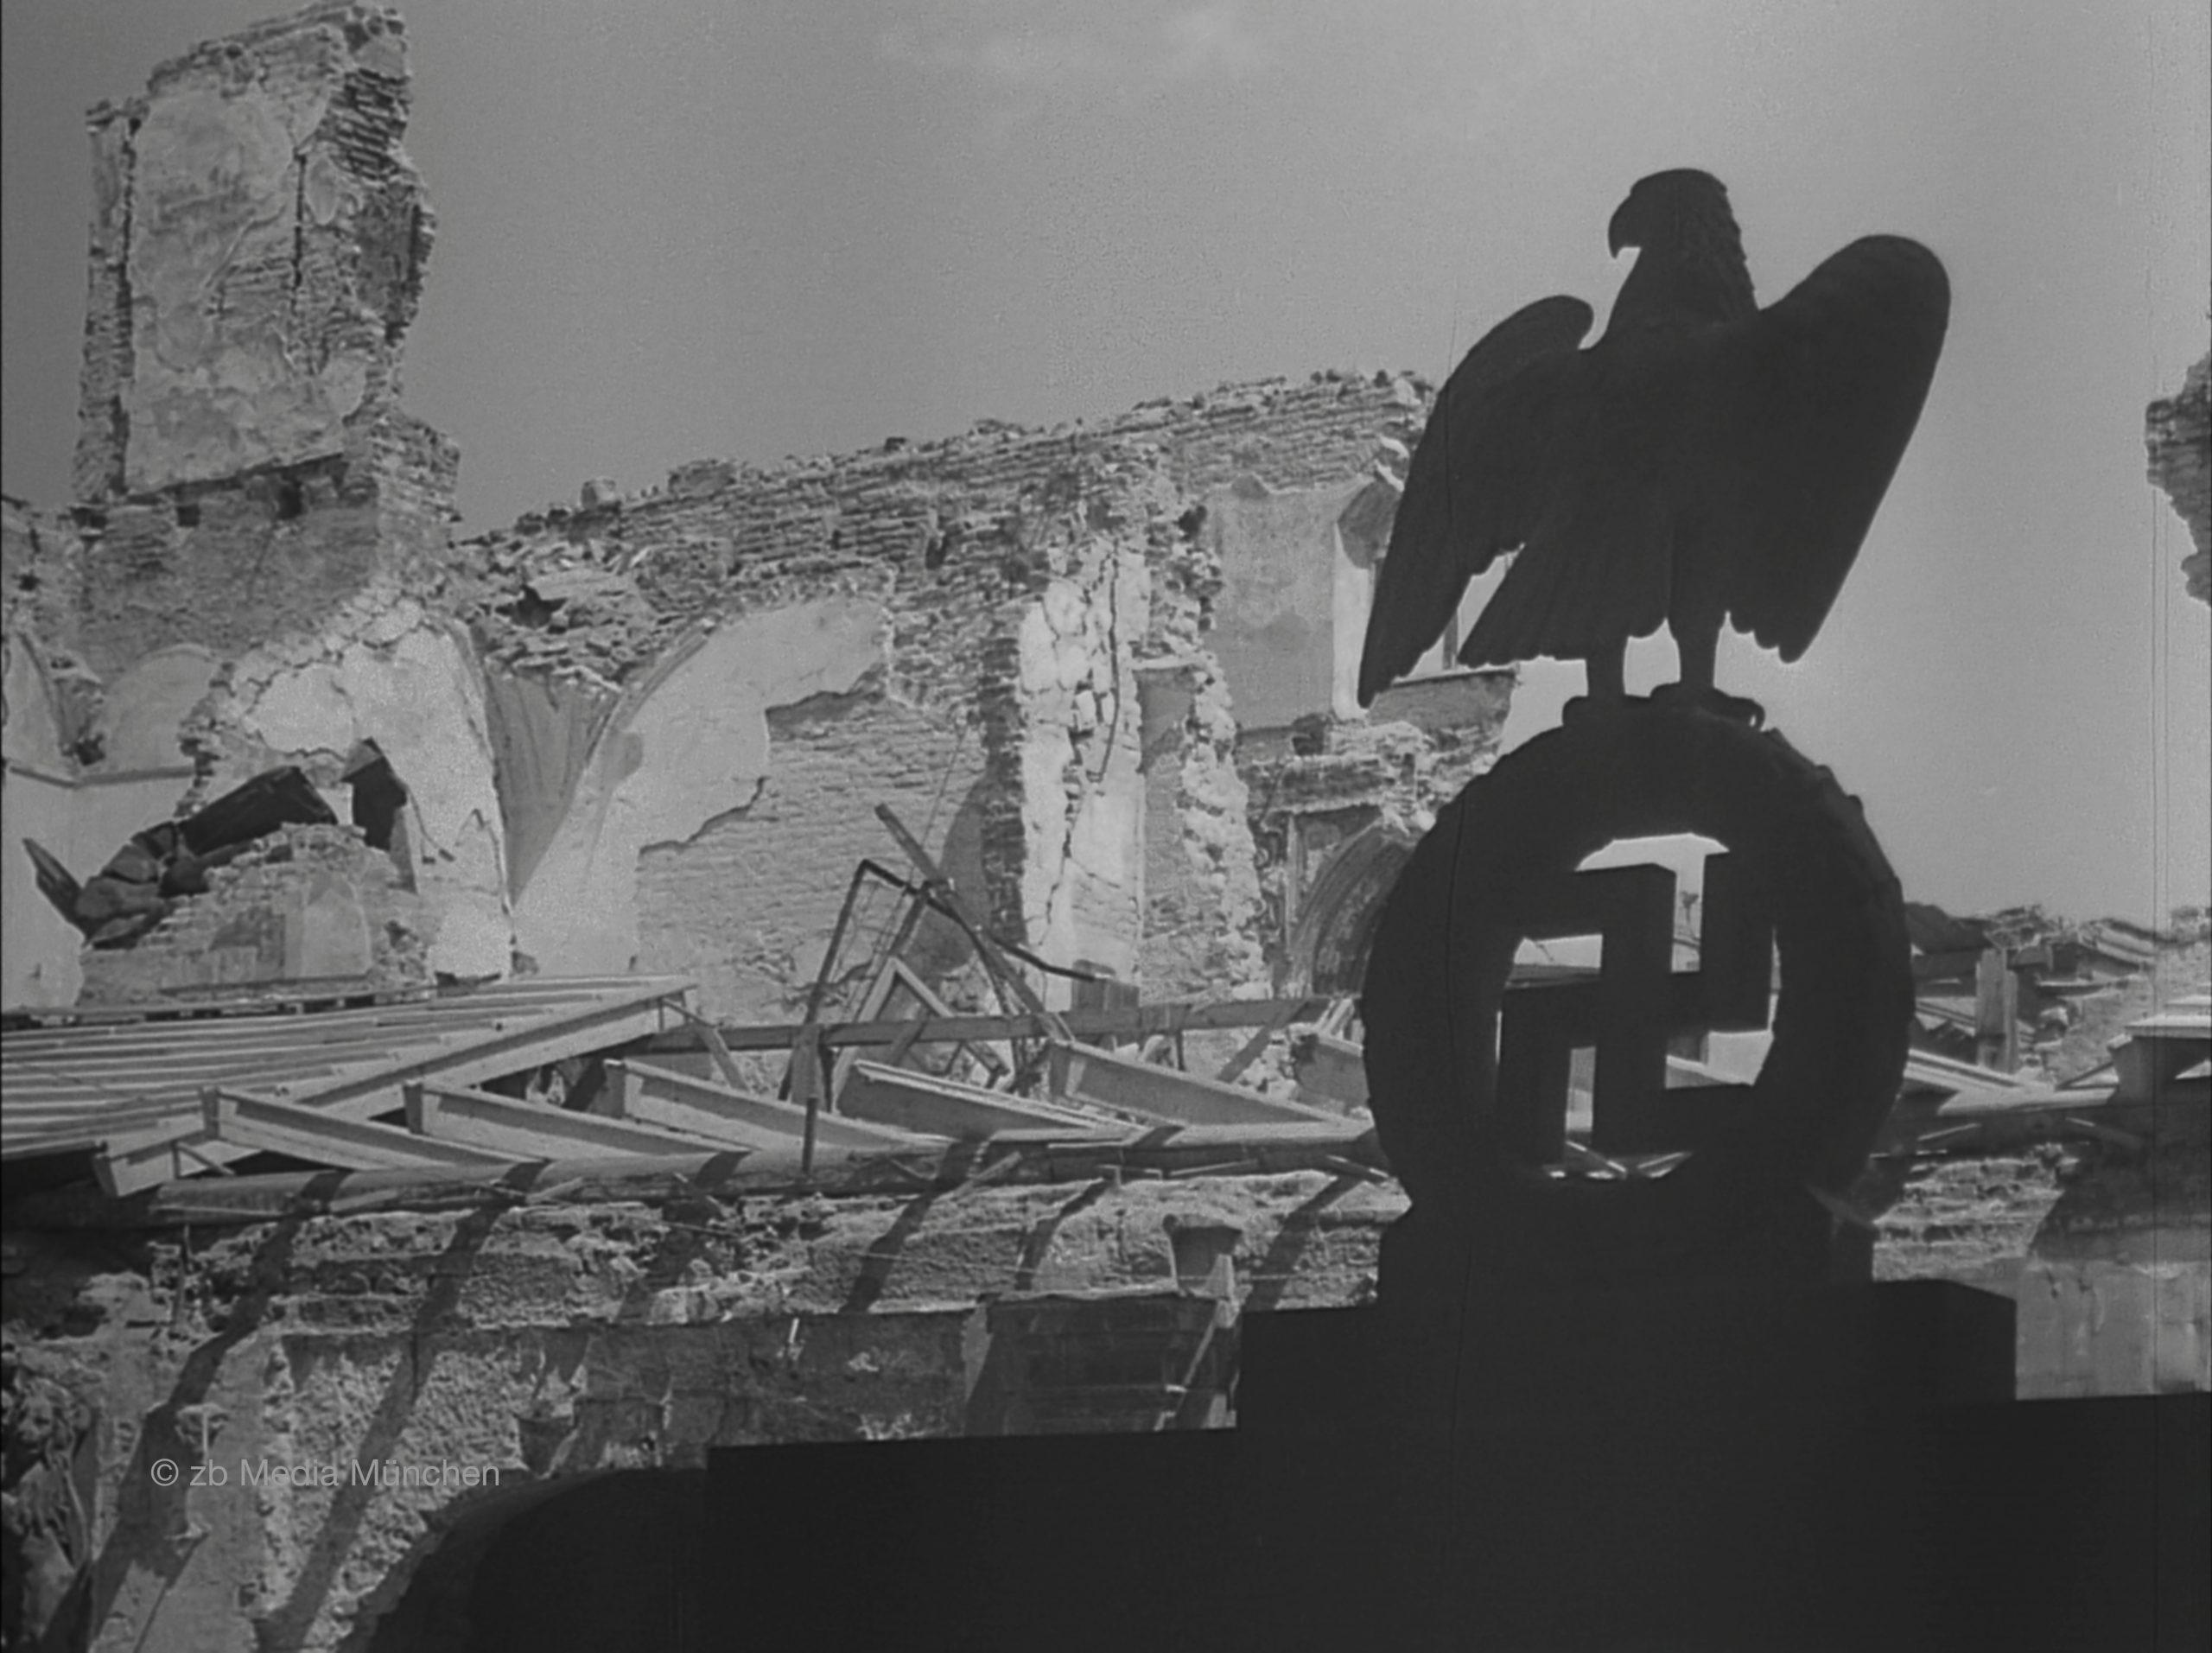 Residenz, Herkulessaal, München 5. Mai 1945, Ruine, Bombenschaden, von der Feldherrnhalle aus fotografiert mit Hakenkreuz und Adler